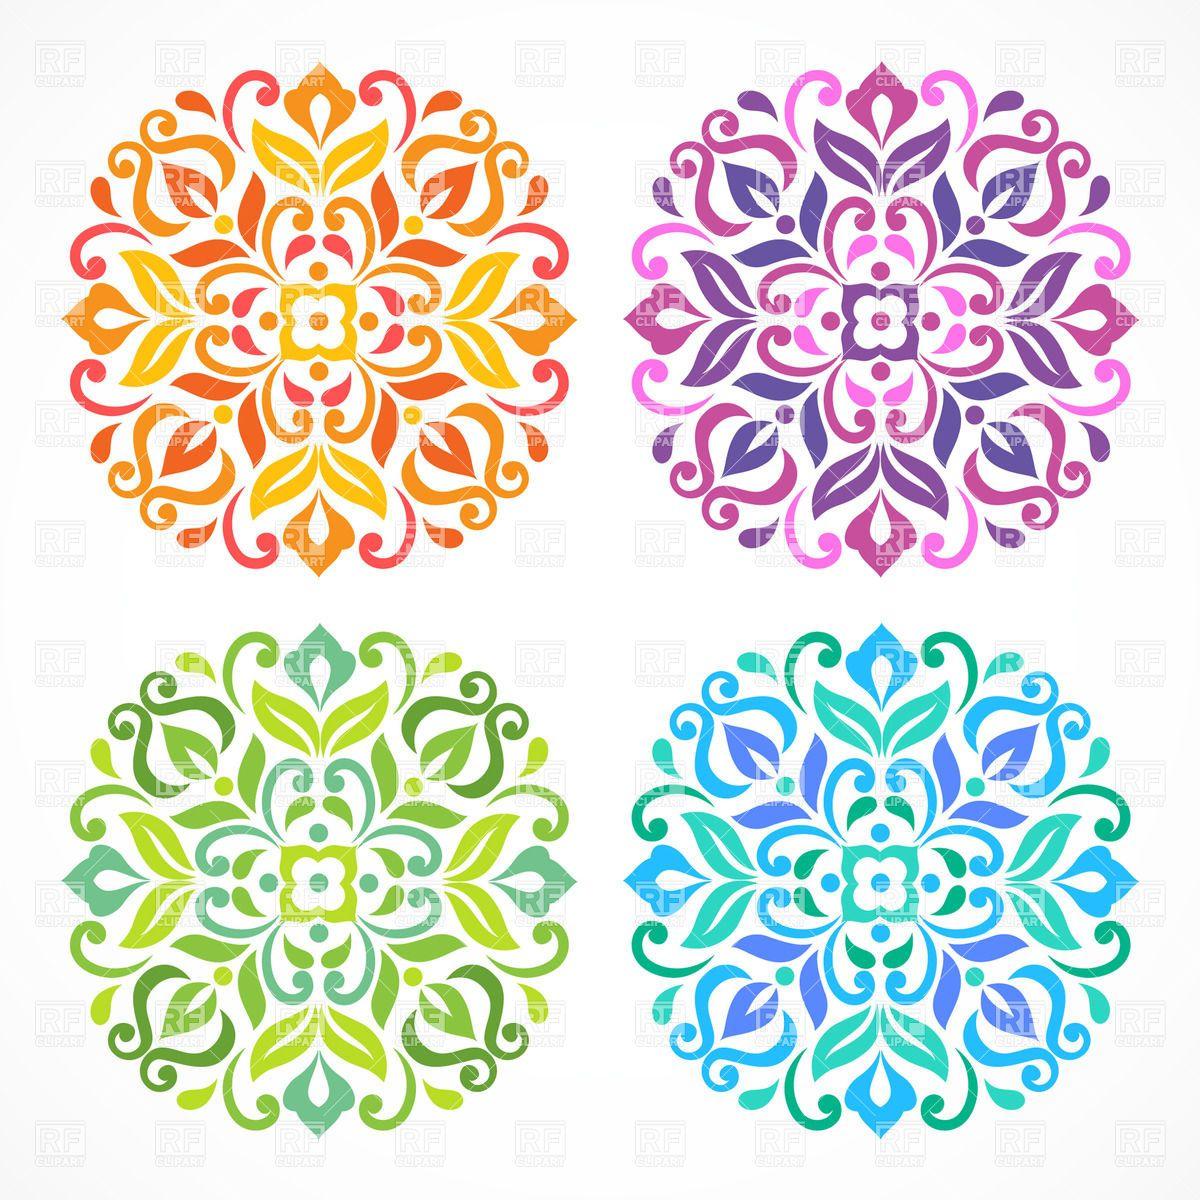 simple mandala flower - Google Search | mandalas ...